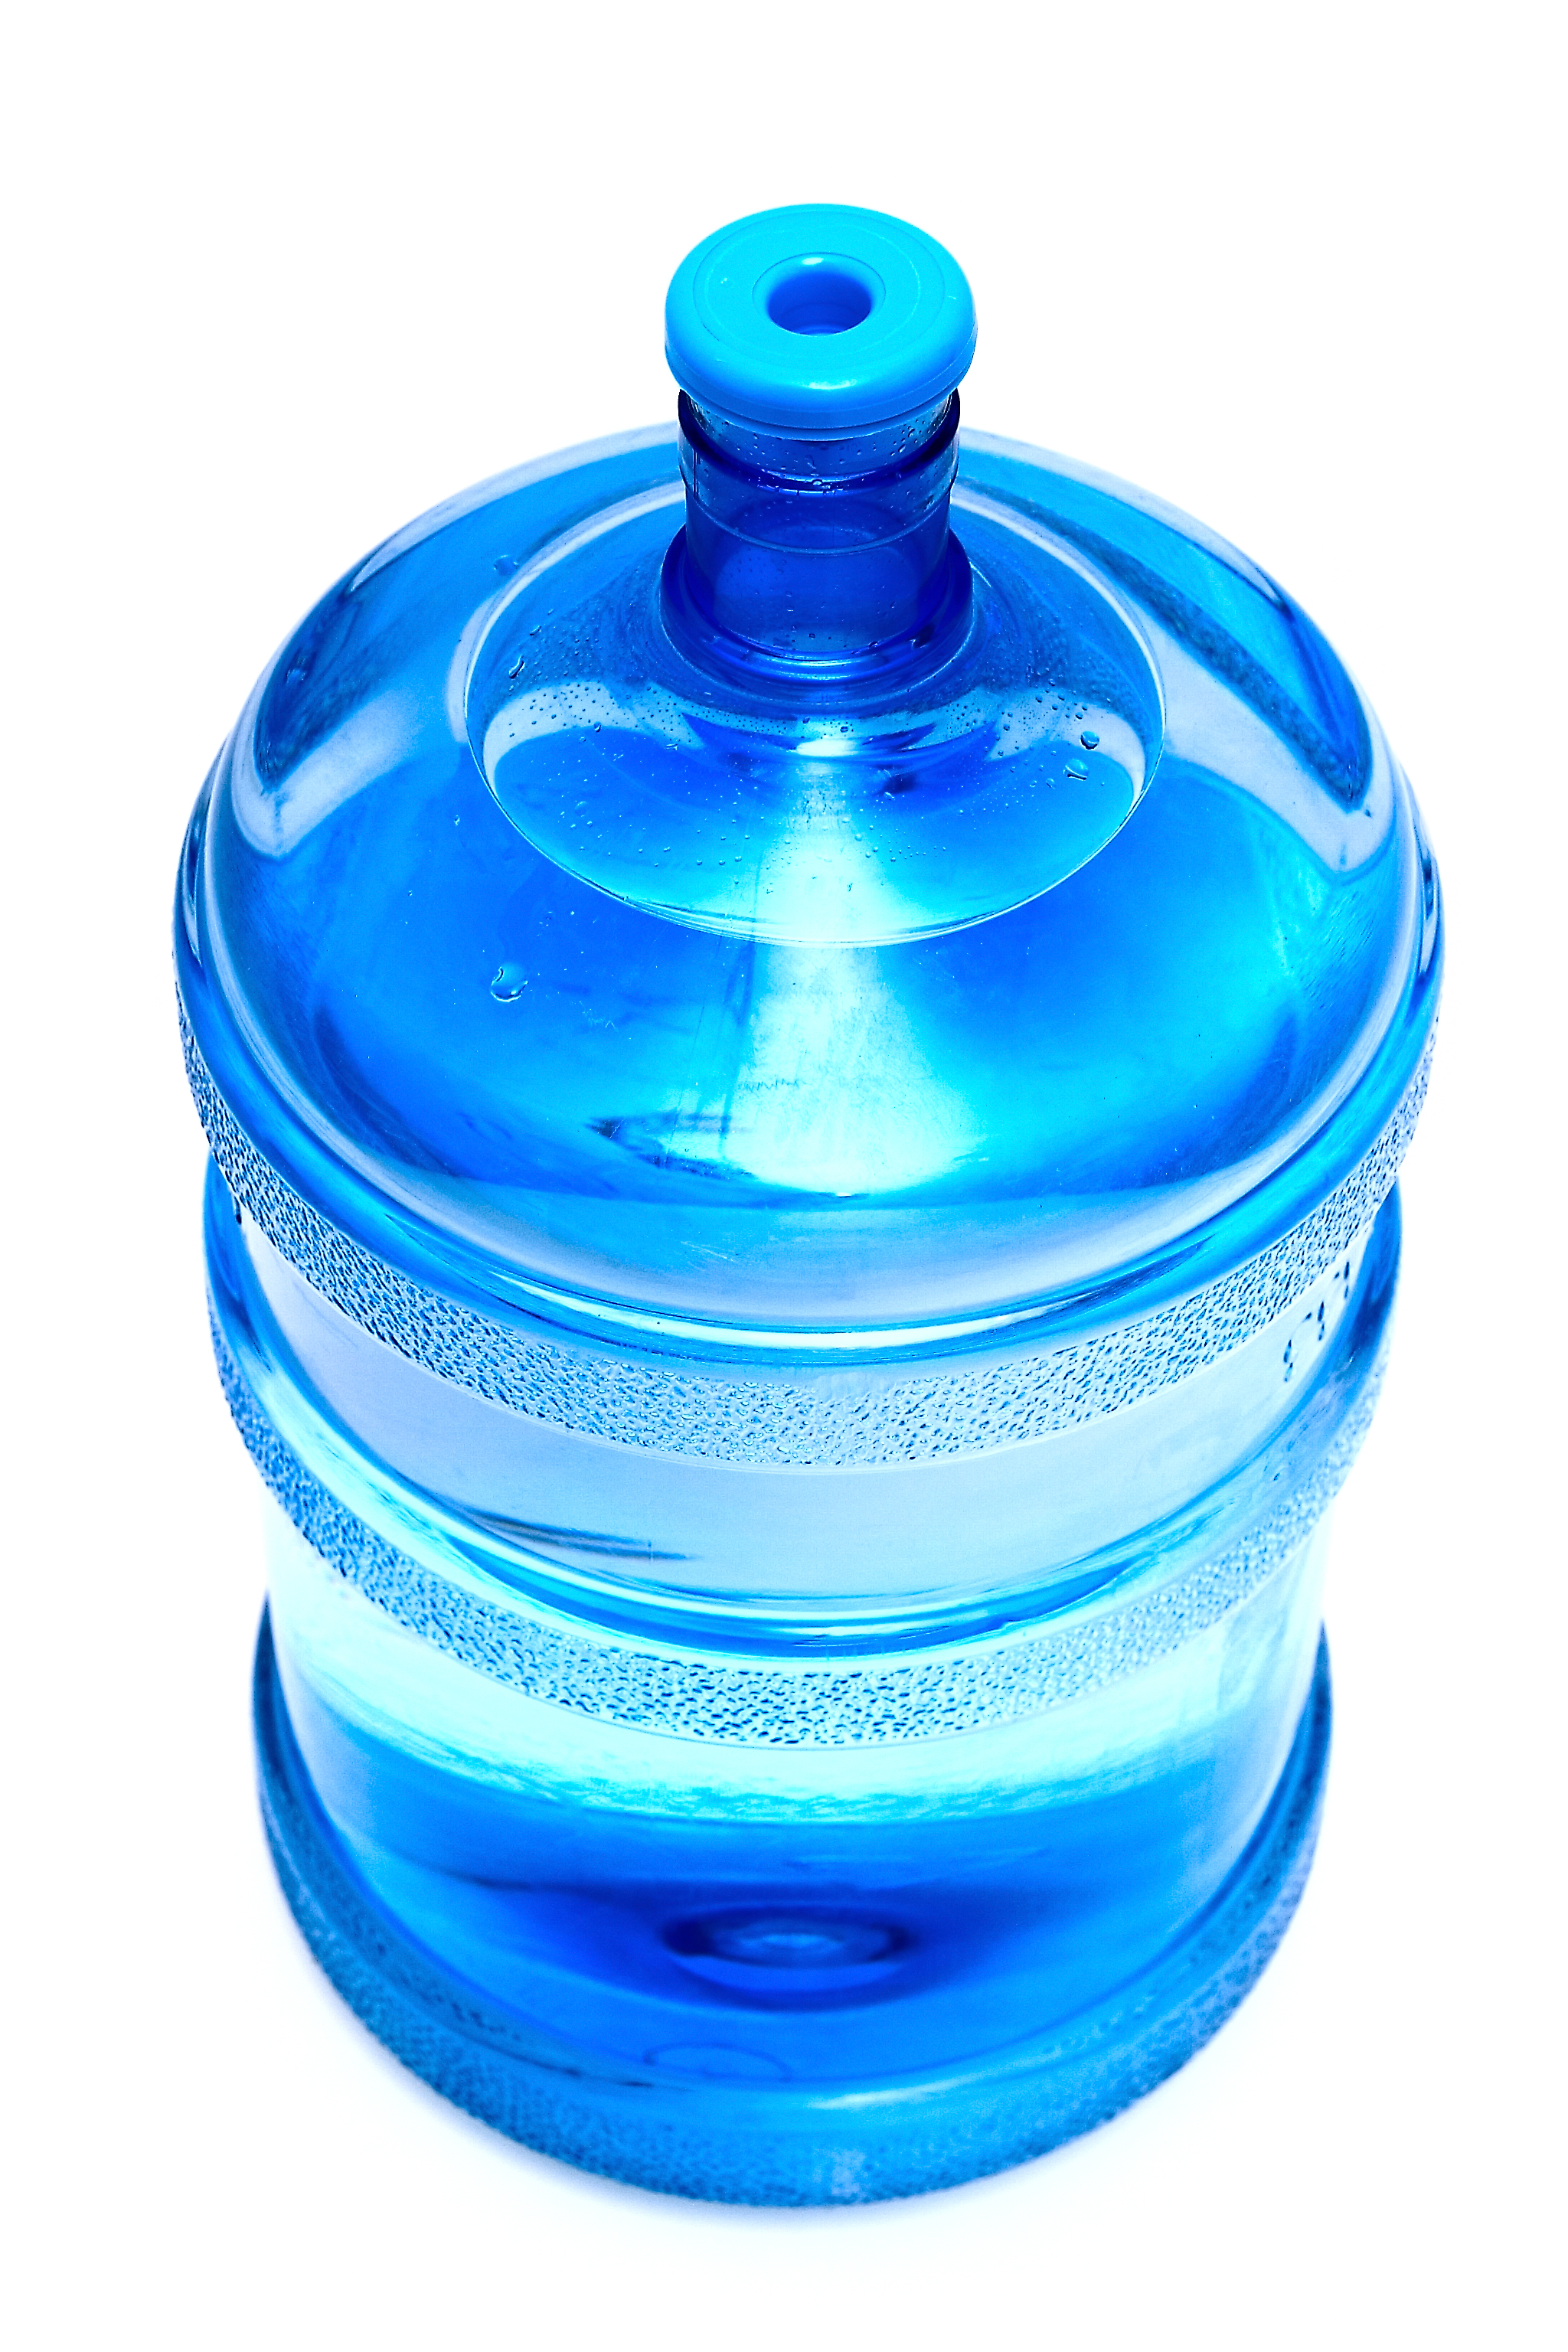 sevişirken su içmek #29228071 - uludağ sözlük